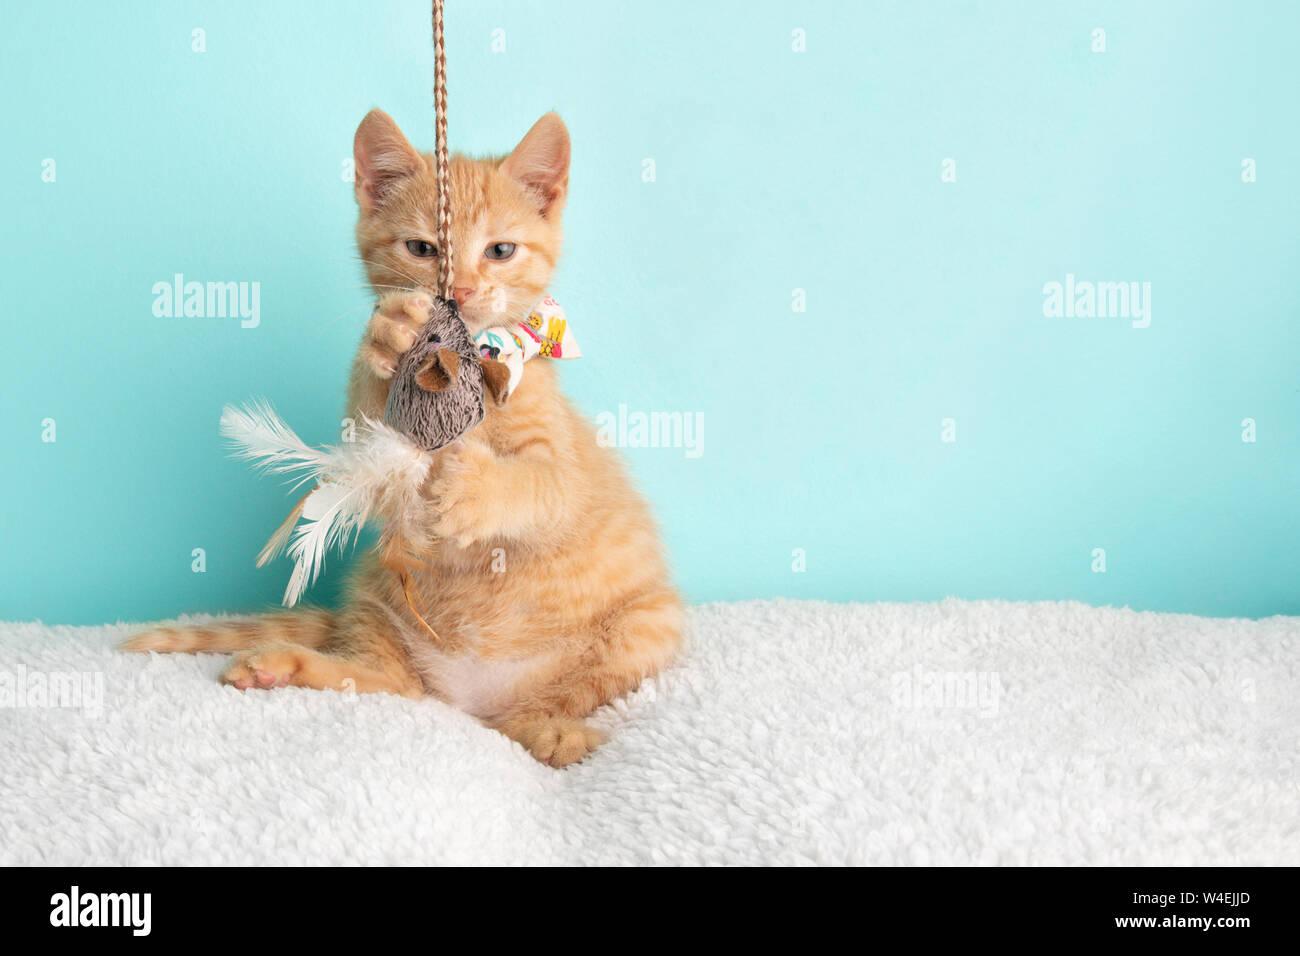 Nette Junge Orange Tabby Cat Kitten Rettung tragen weiße Blume Bow Tie Sitzen lustig Spielen mit String und Maus Spielzeug auf blauem Hintergrund Stockfoto